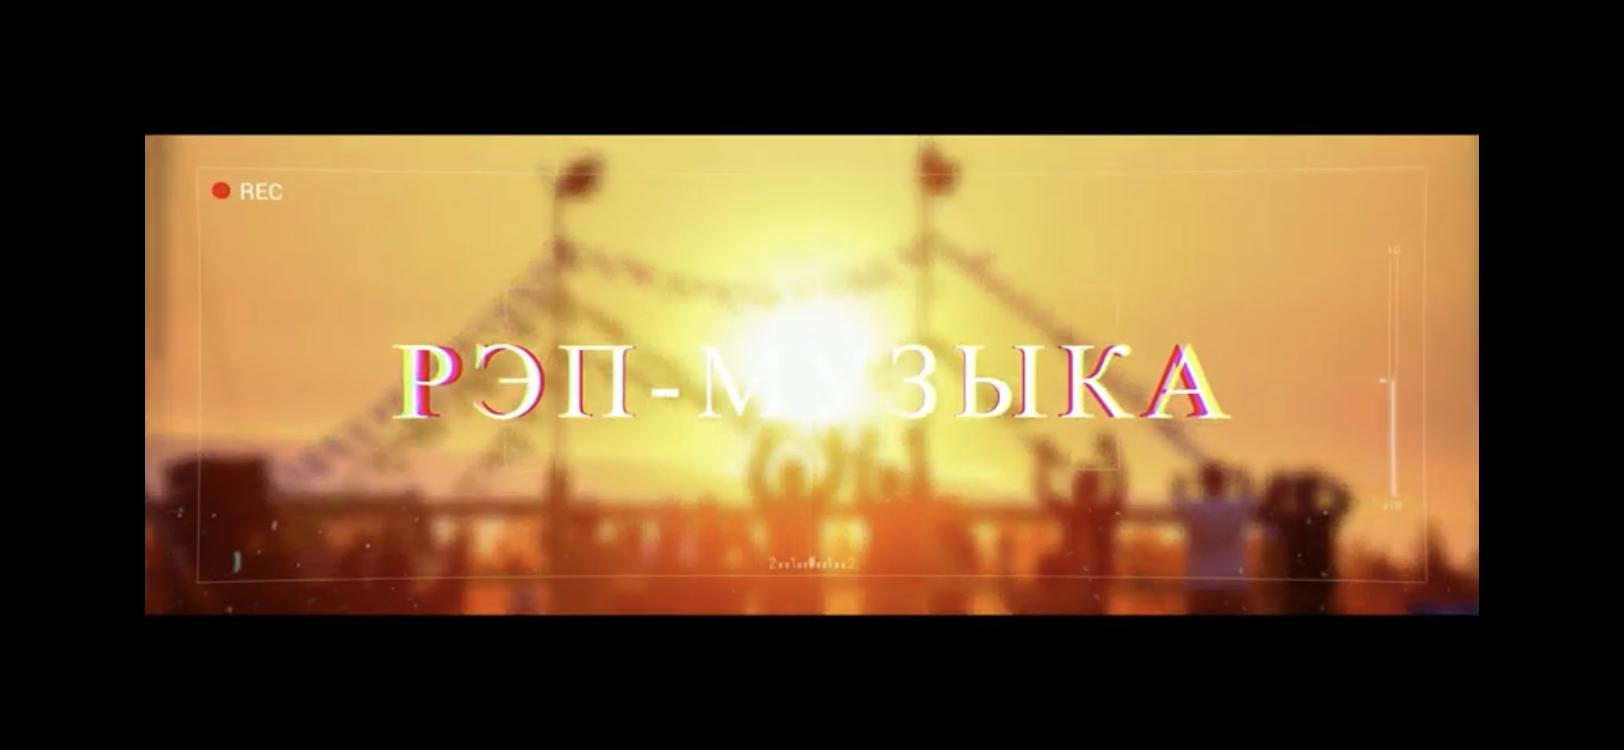 «Мир должен узнать». Музыкант Кокраш выпустил ролик об истории якутского рэпа и хип-хопа